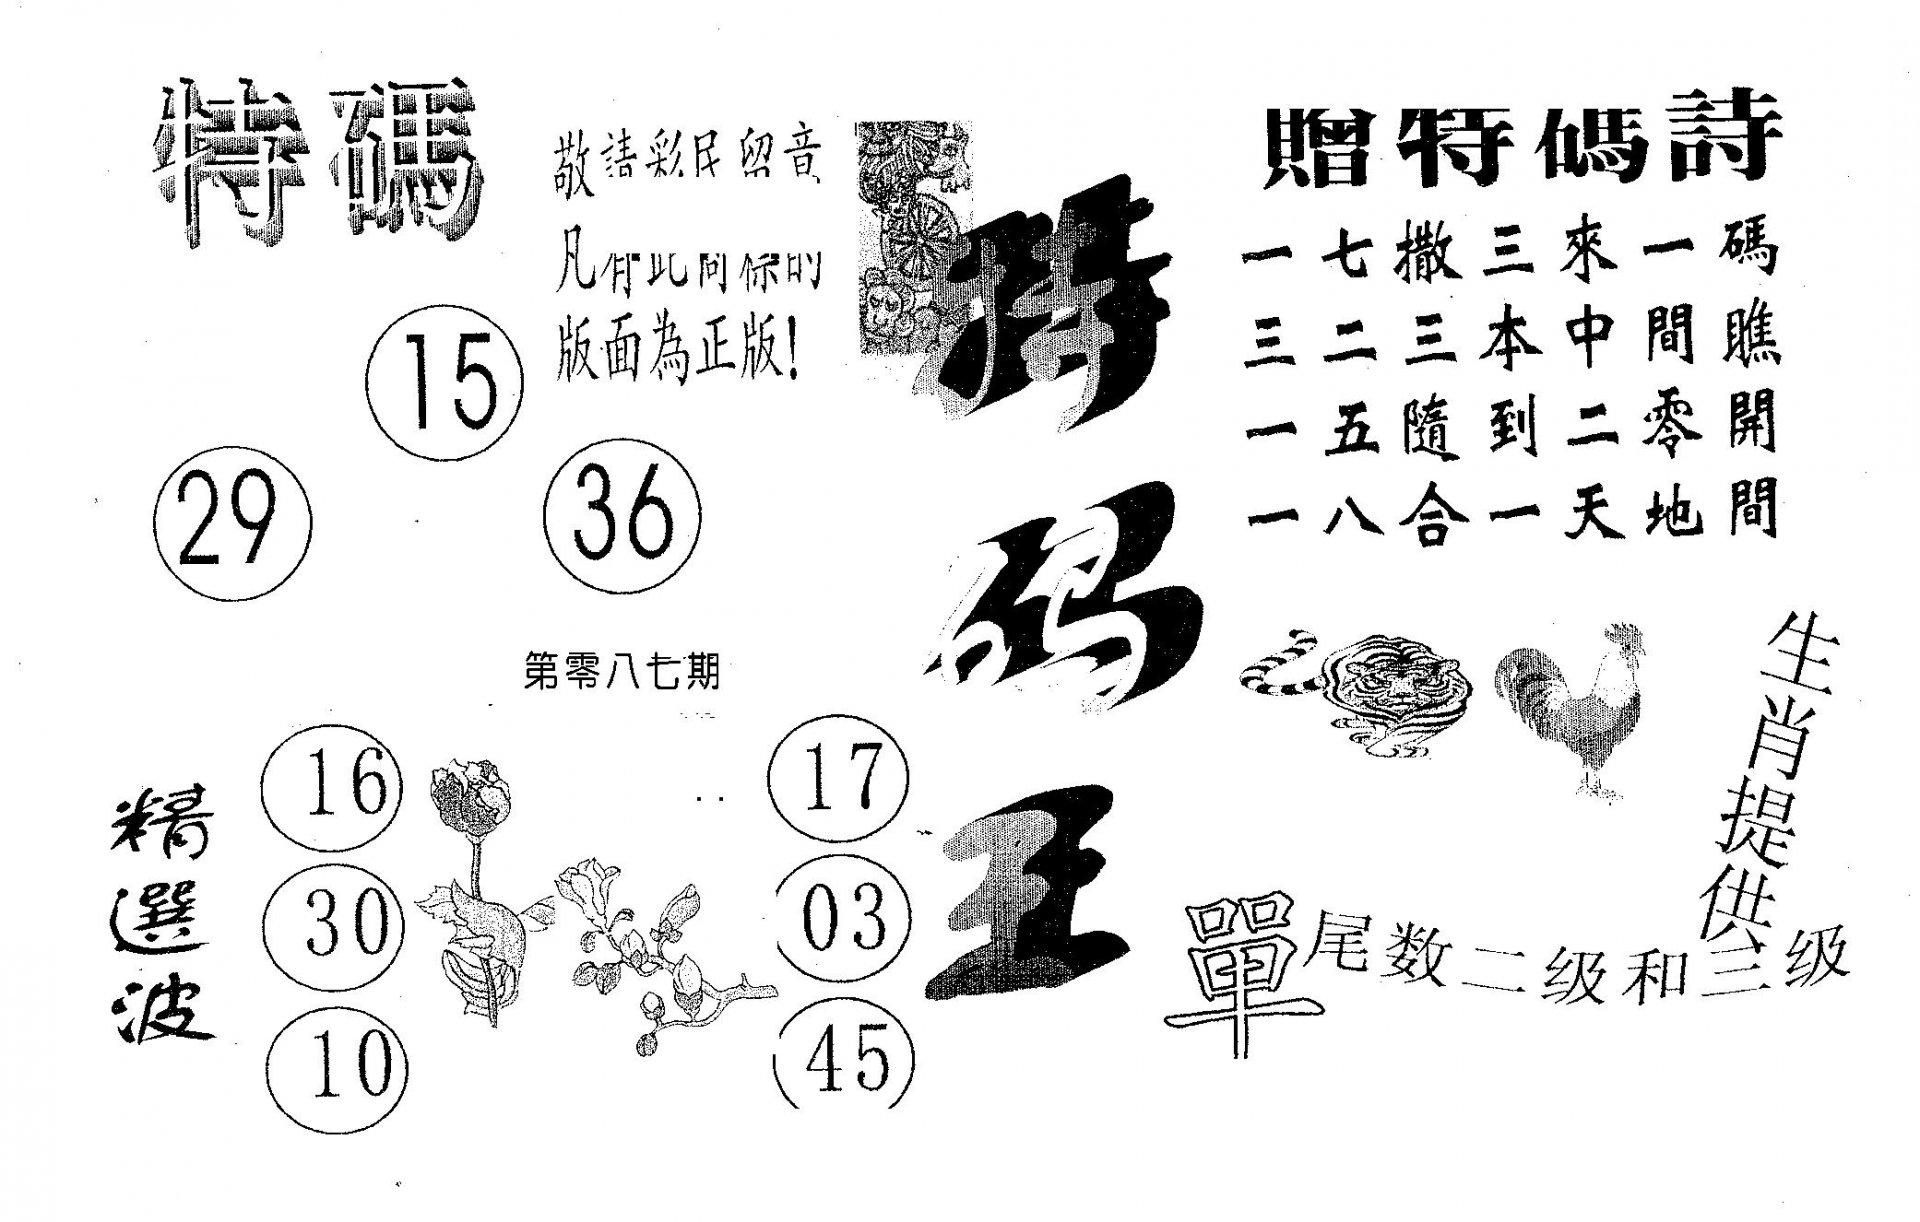 087期特码王A(黑白)